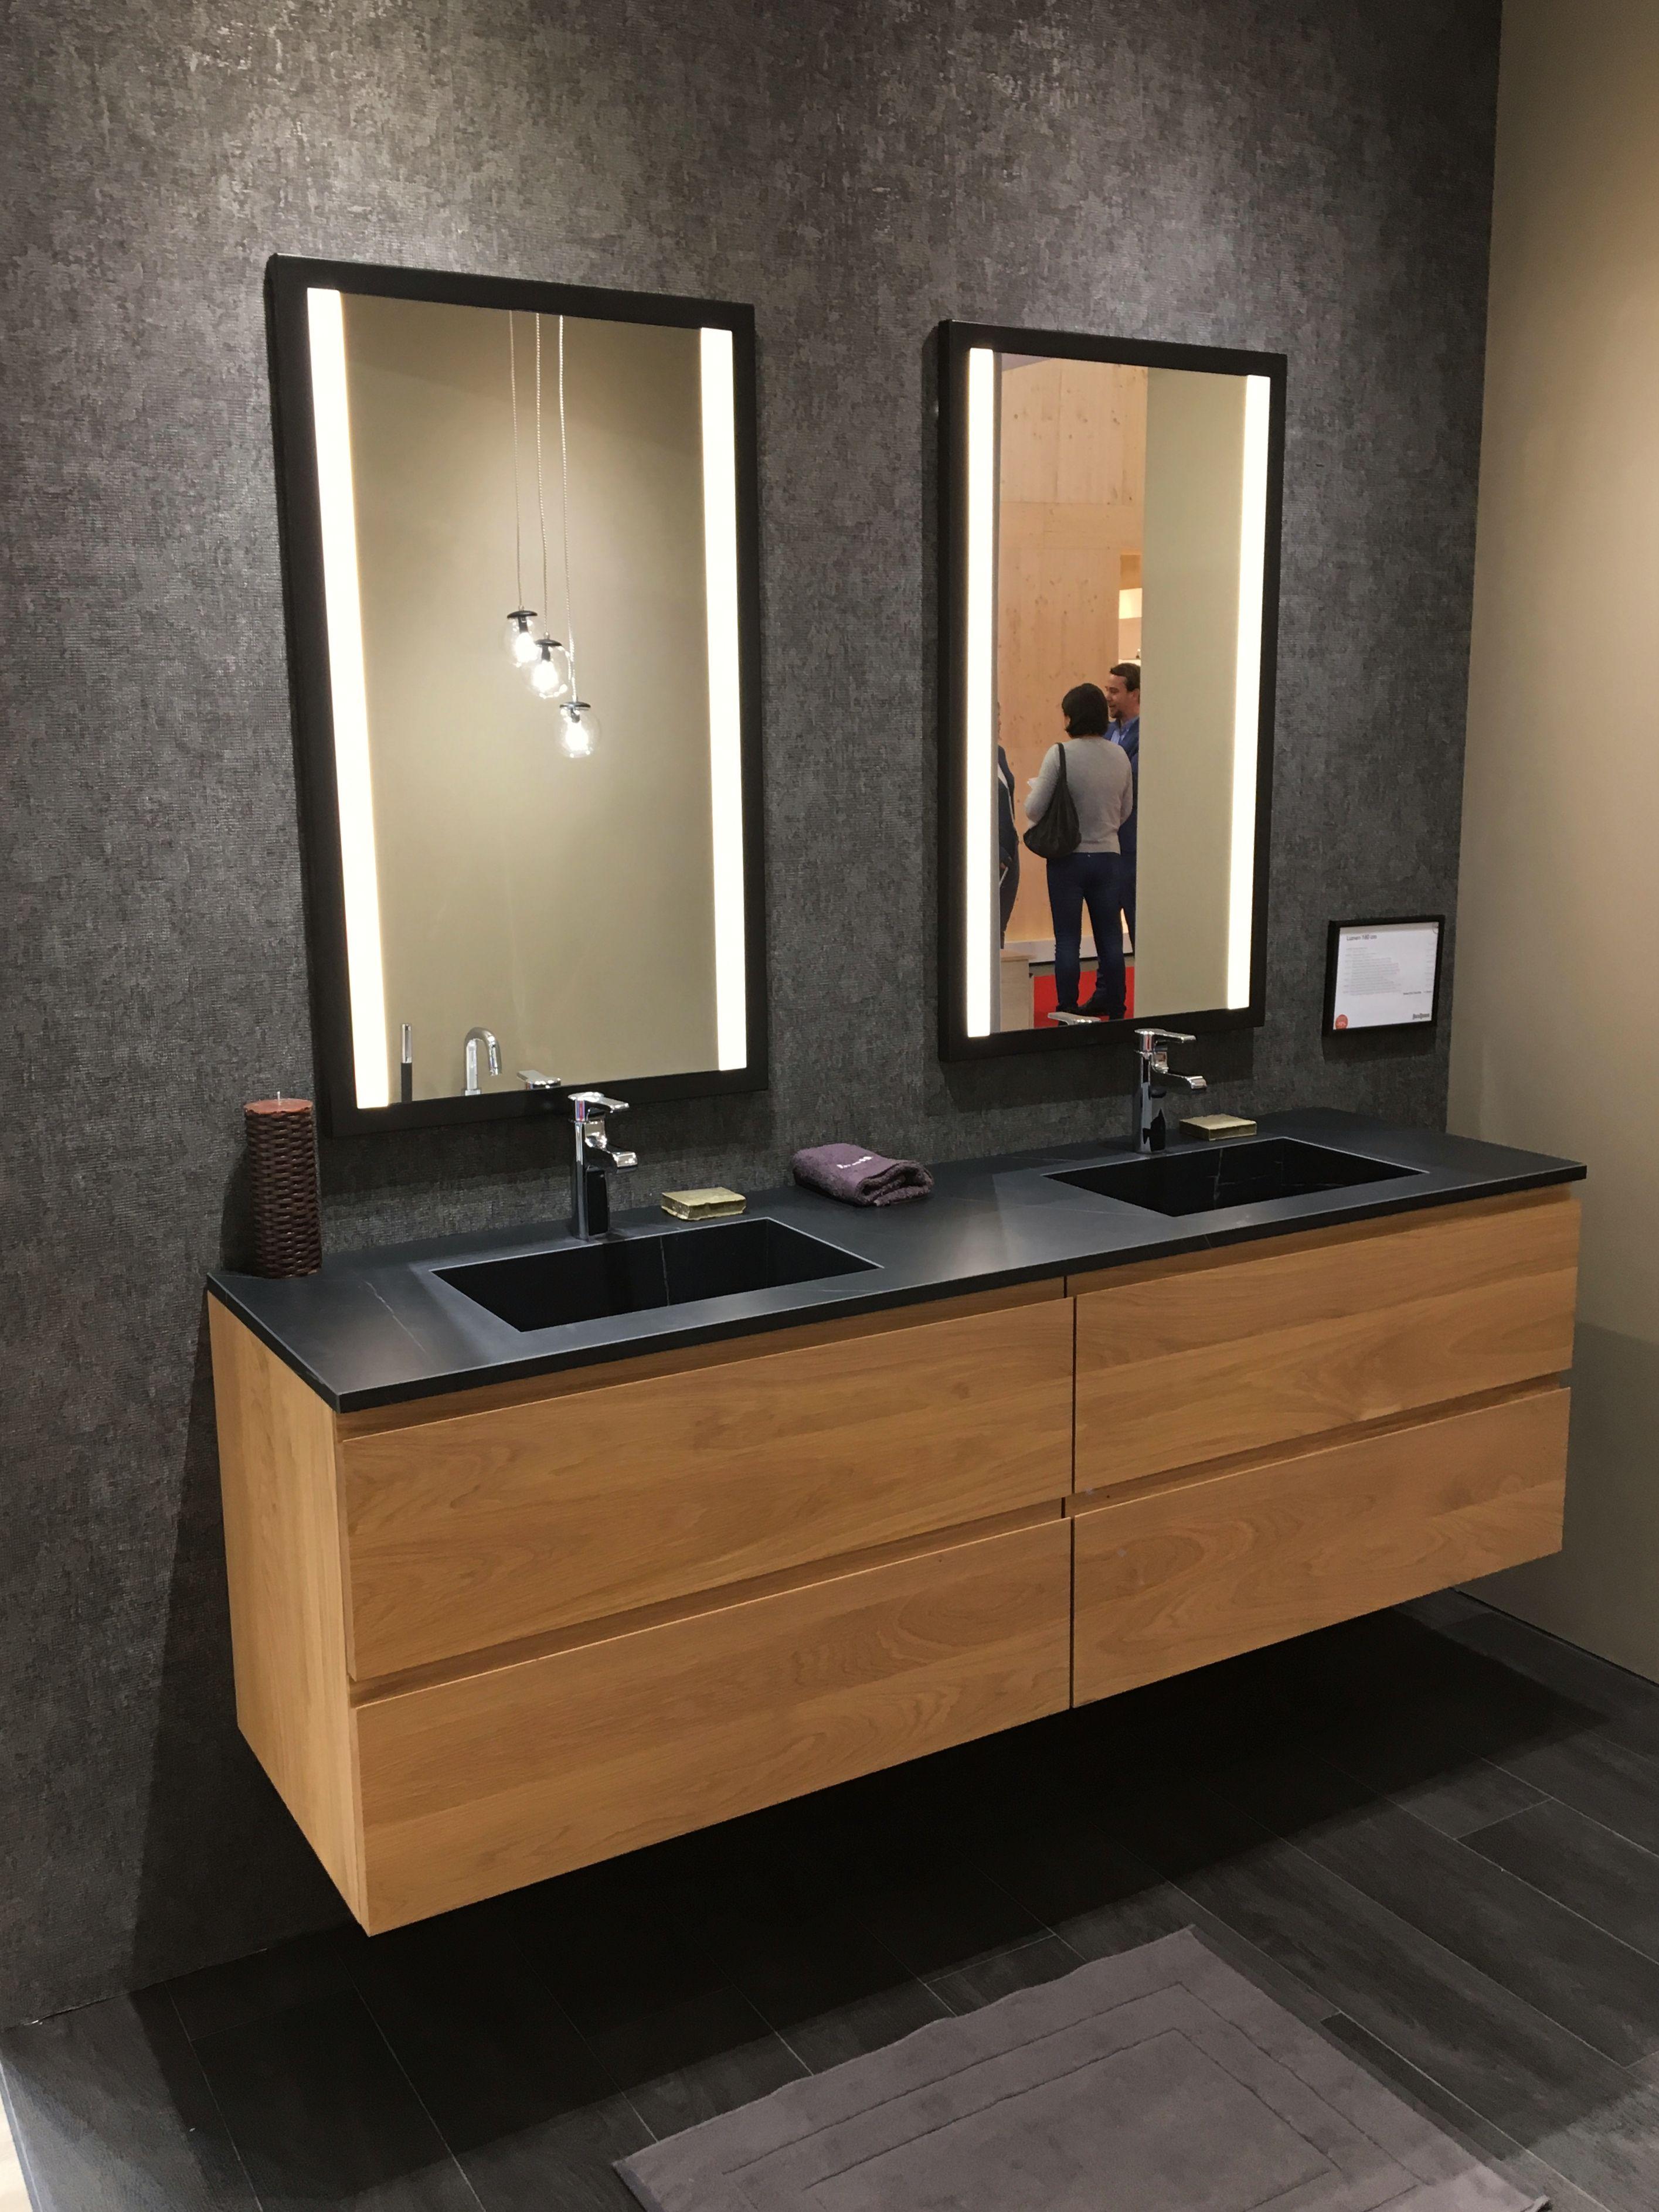 Decouvrez Ce Meuble Vasque De La Gamme Lumen Design Et Elegant